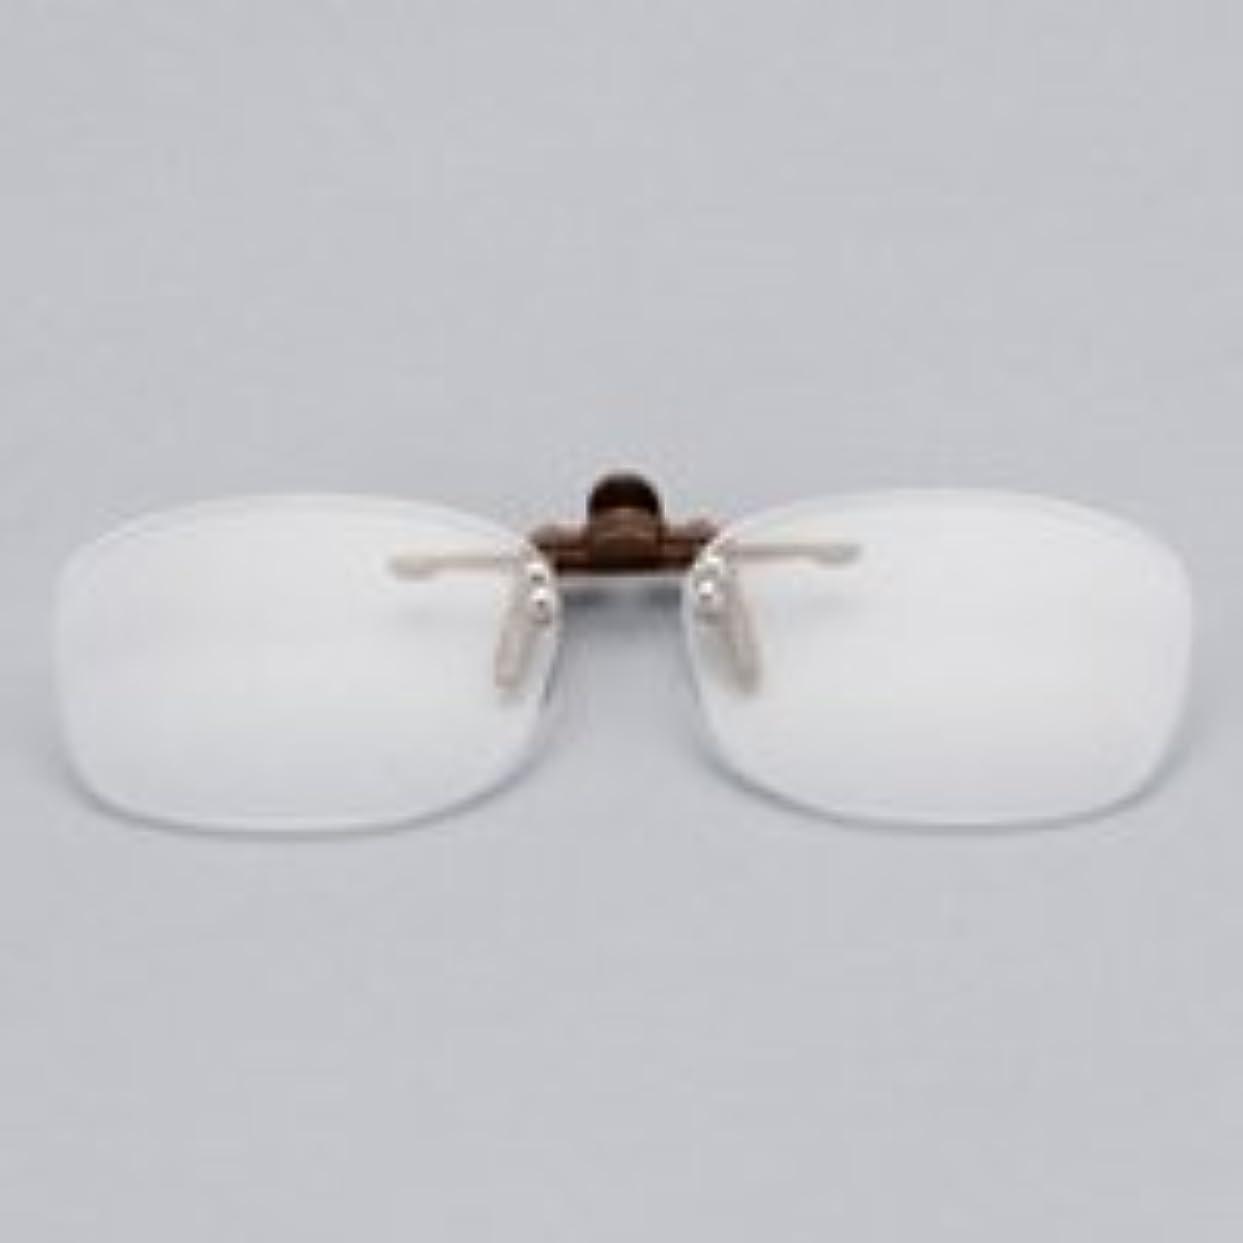 クリップオン 老眼鏡 メガネ装着 取り外し可能 クリップタイプ carton カートン 【「S+2.00」のみ】 S+2.00